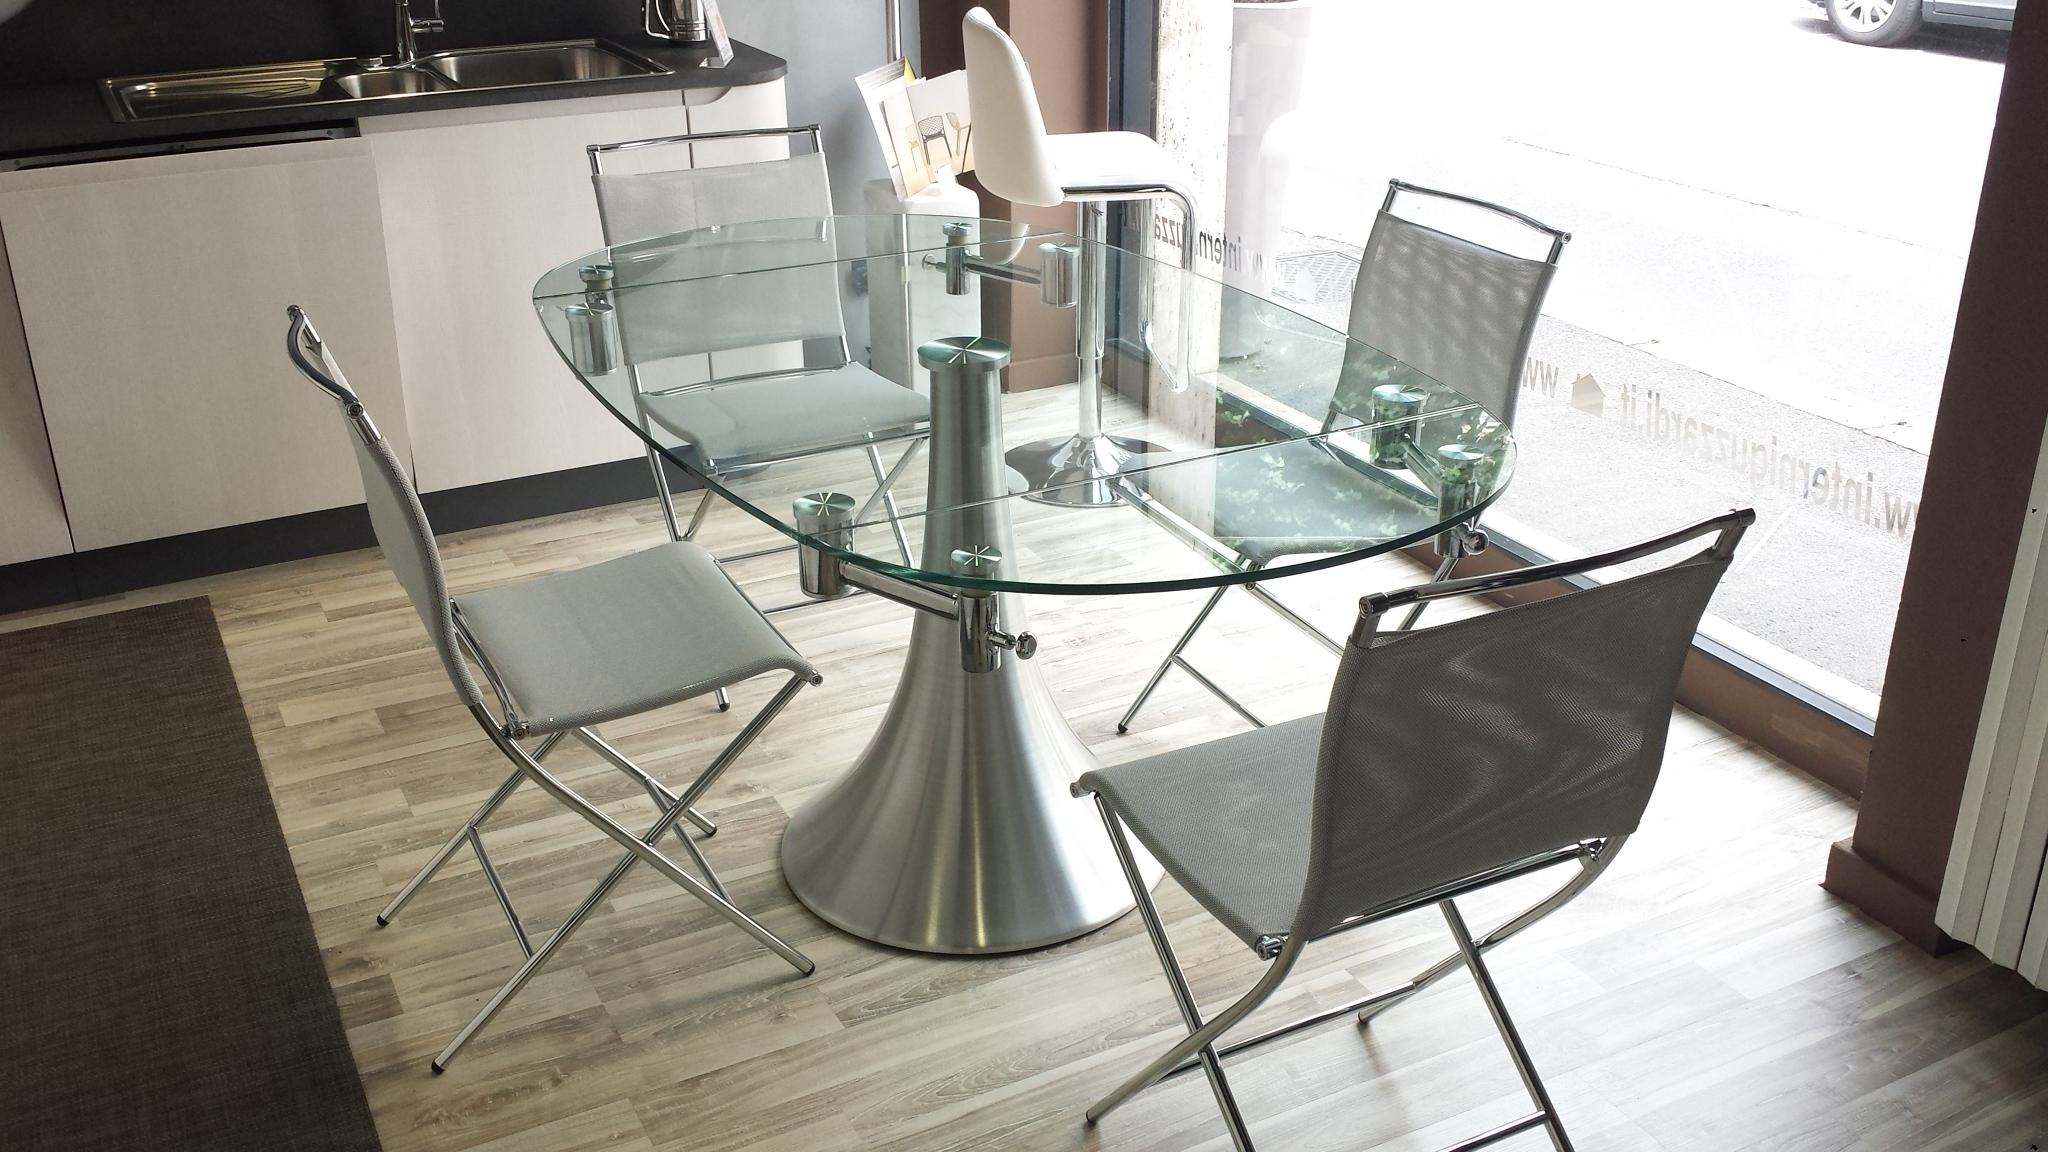 Pozzoli tavolo flute rotondo allungabile vetro tavoli a for Tavoli in cristallo